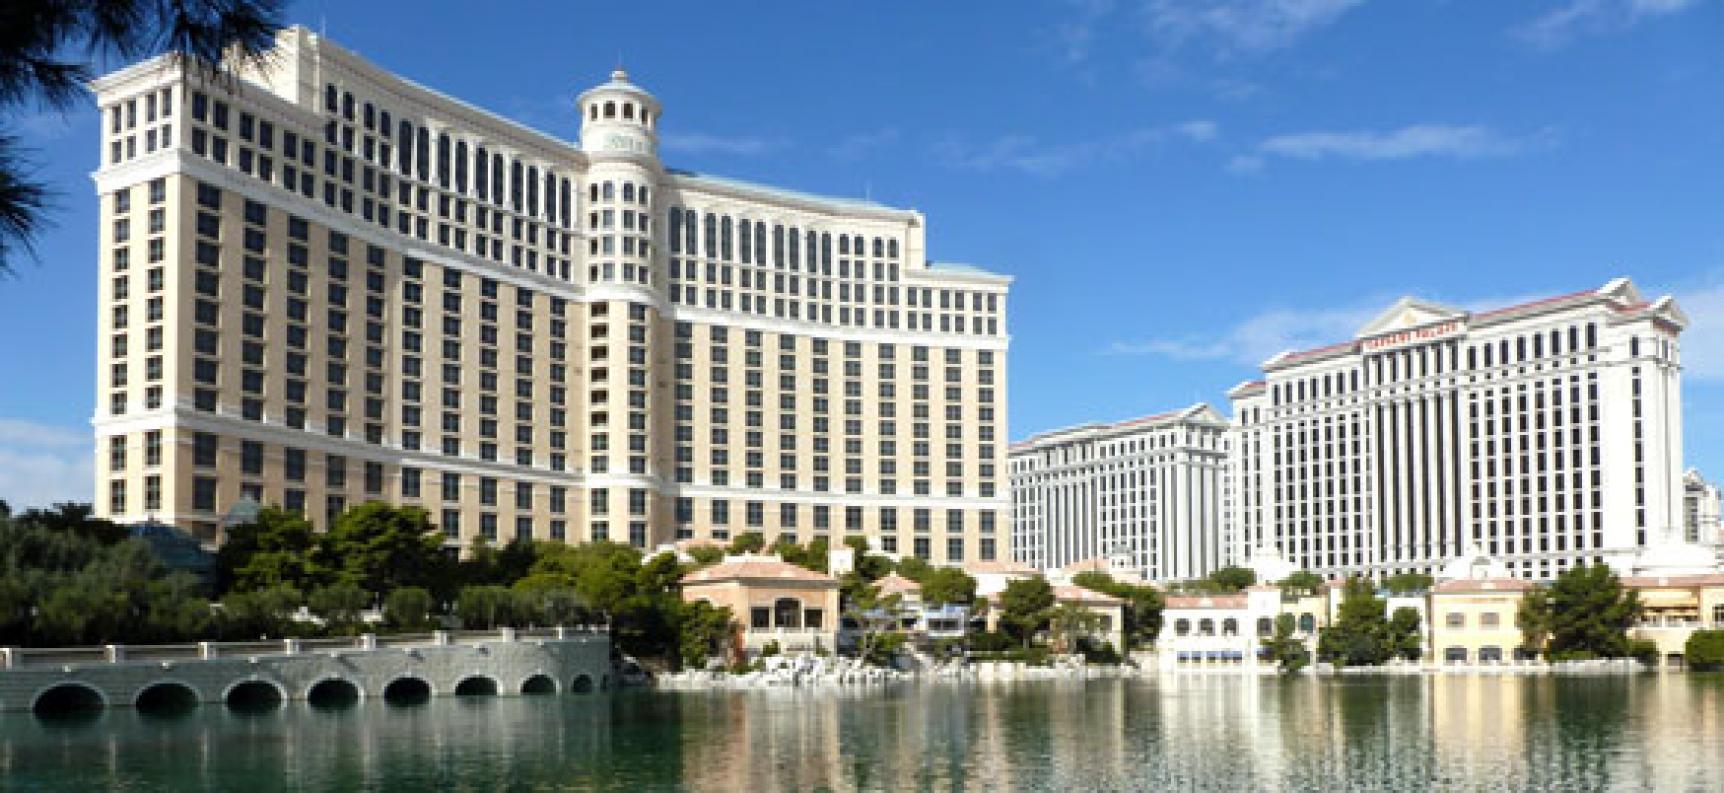 Wie viel Uhr ist in Las Vegas Nevada?